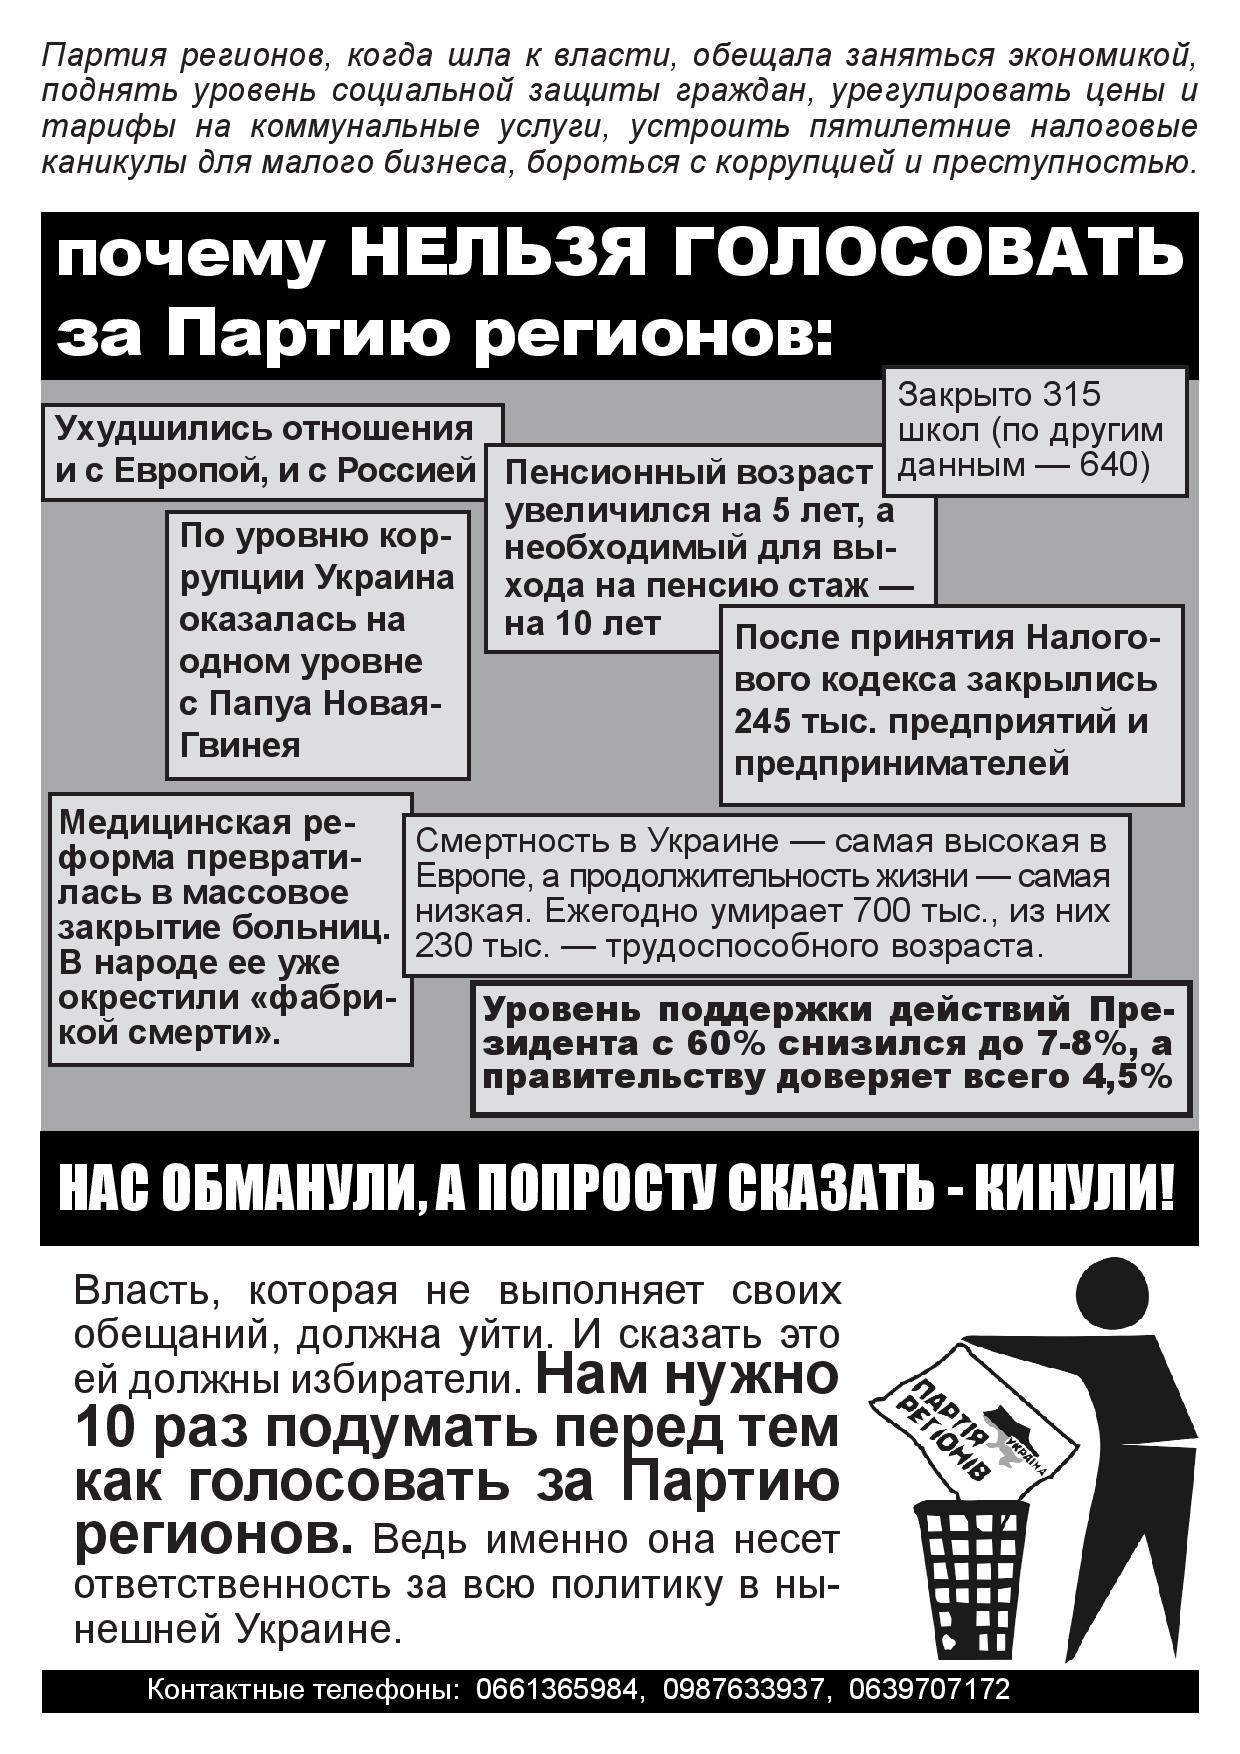 afishkaA-4_ru